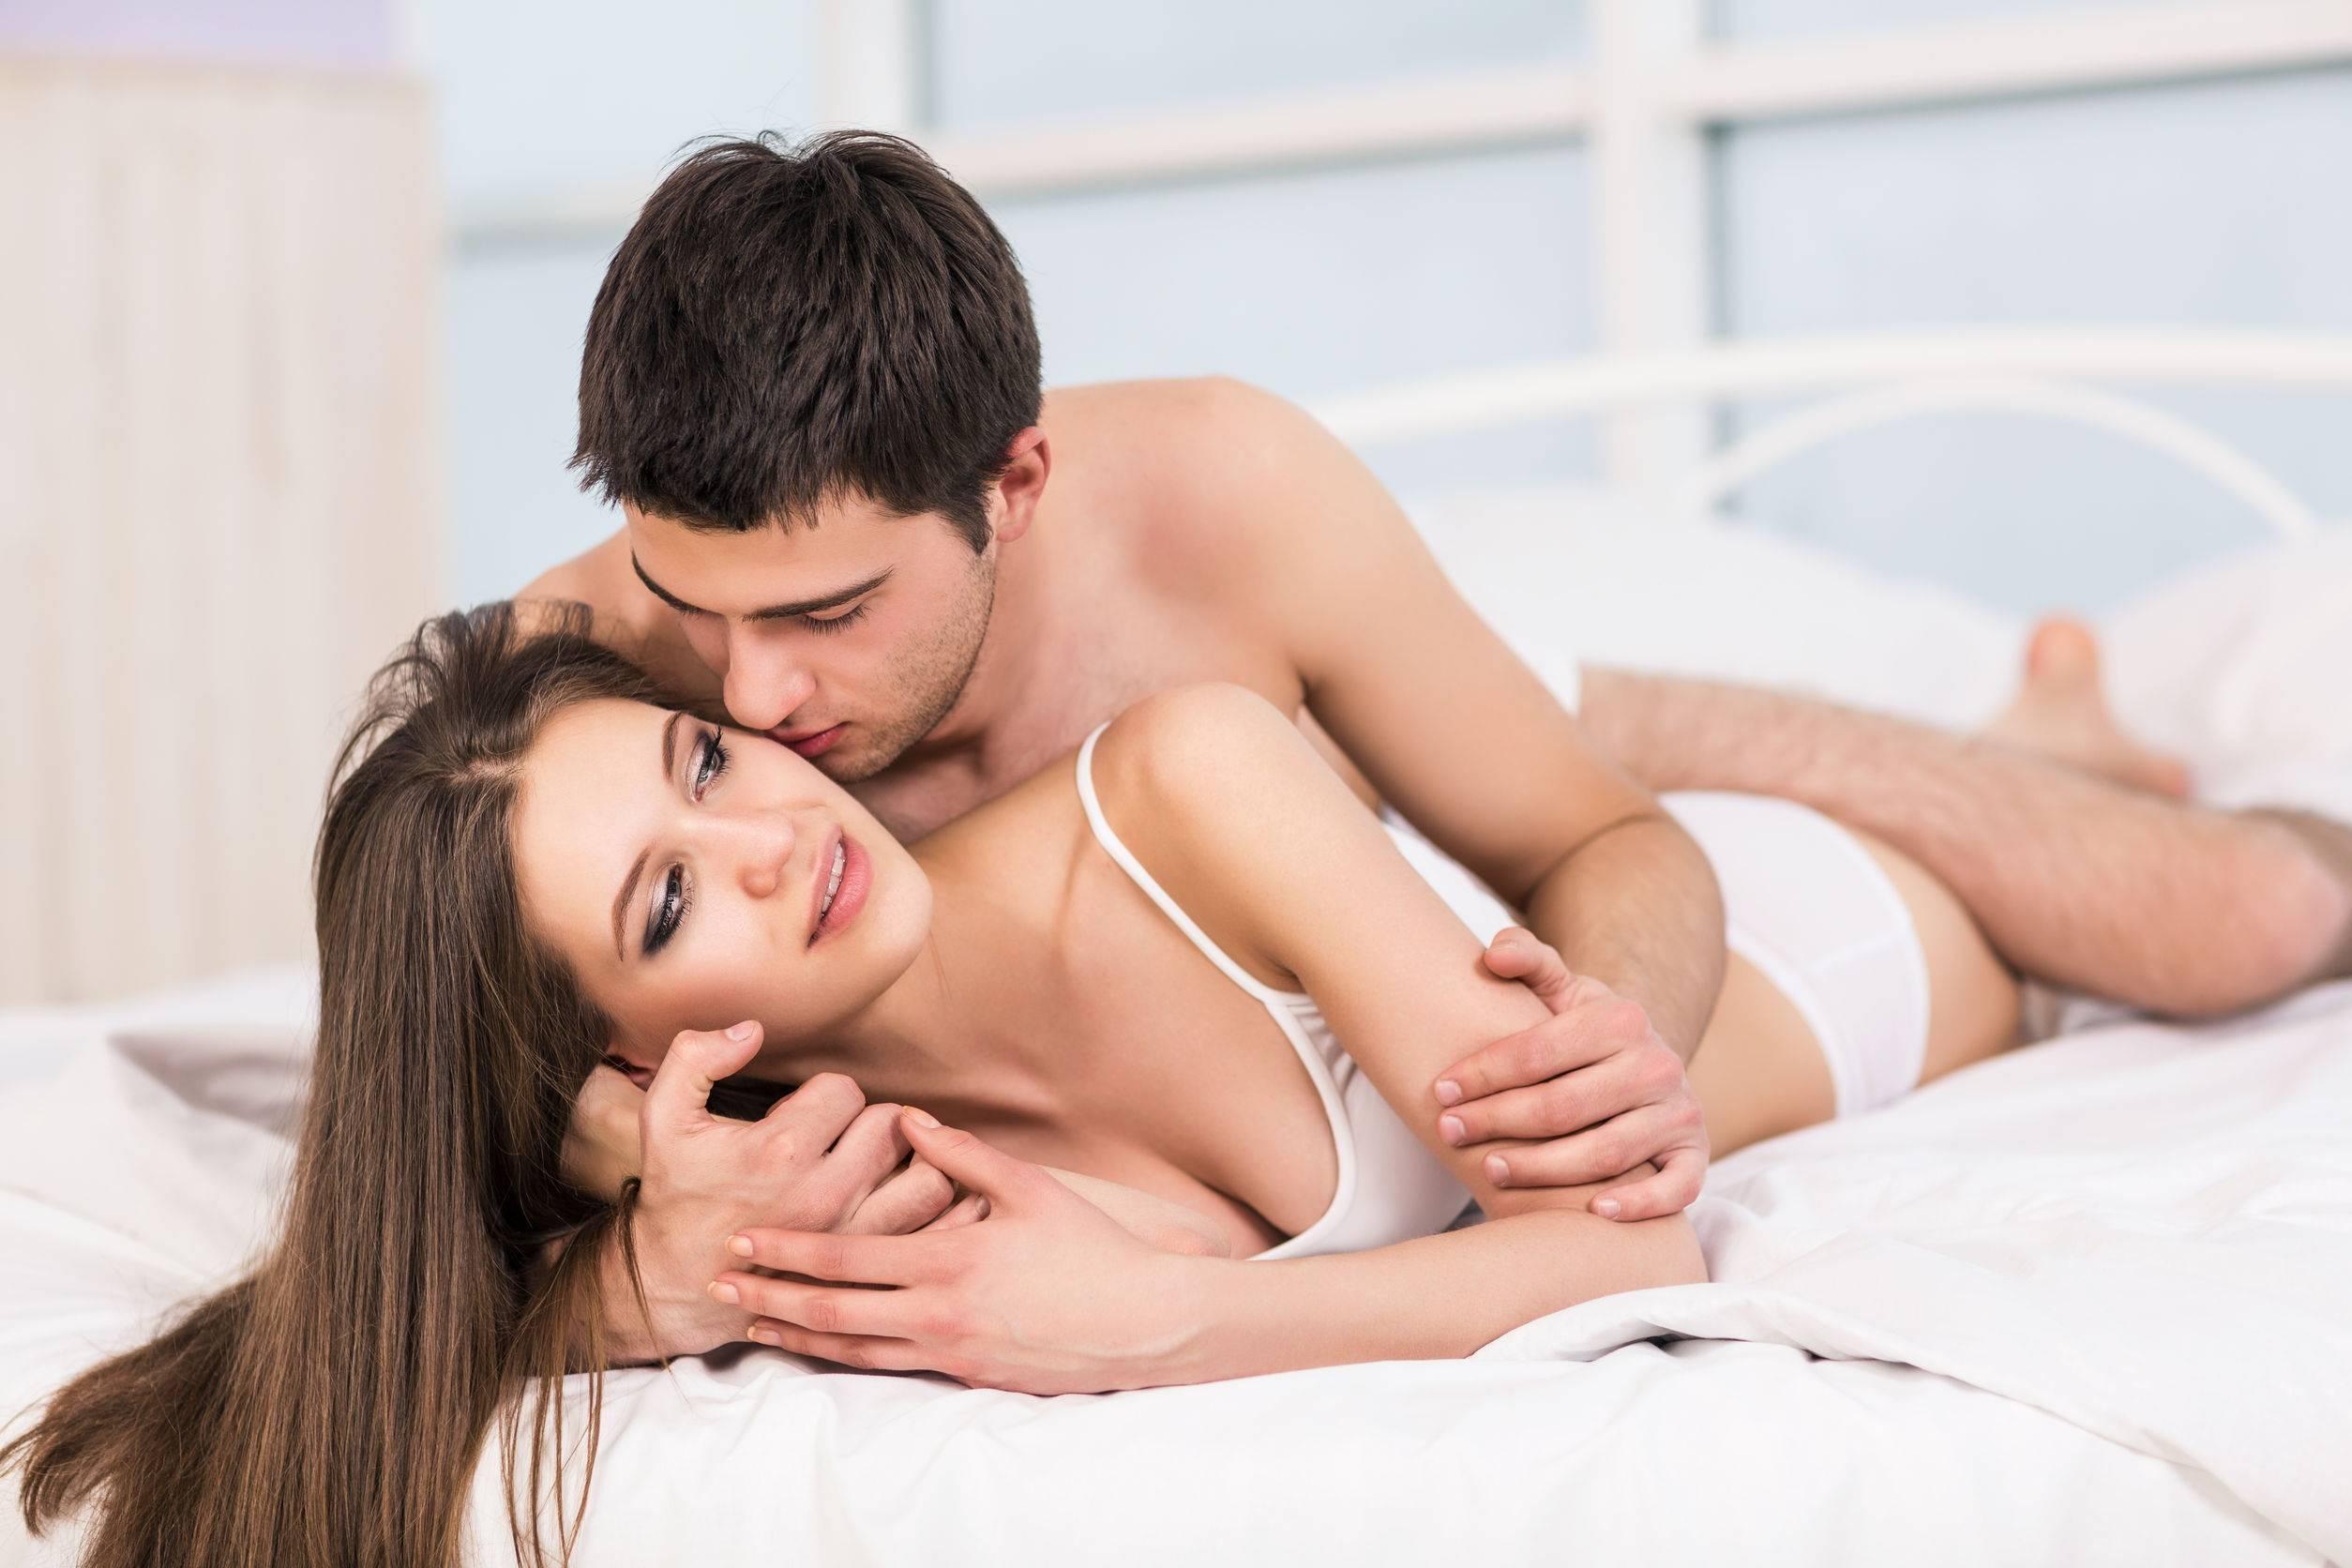 Муж не хочет близости с женой причины и где искать виноватых